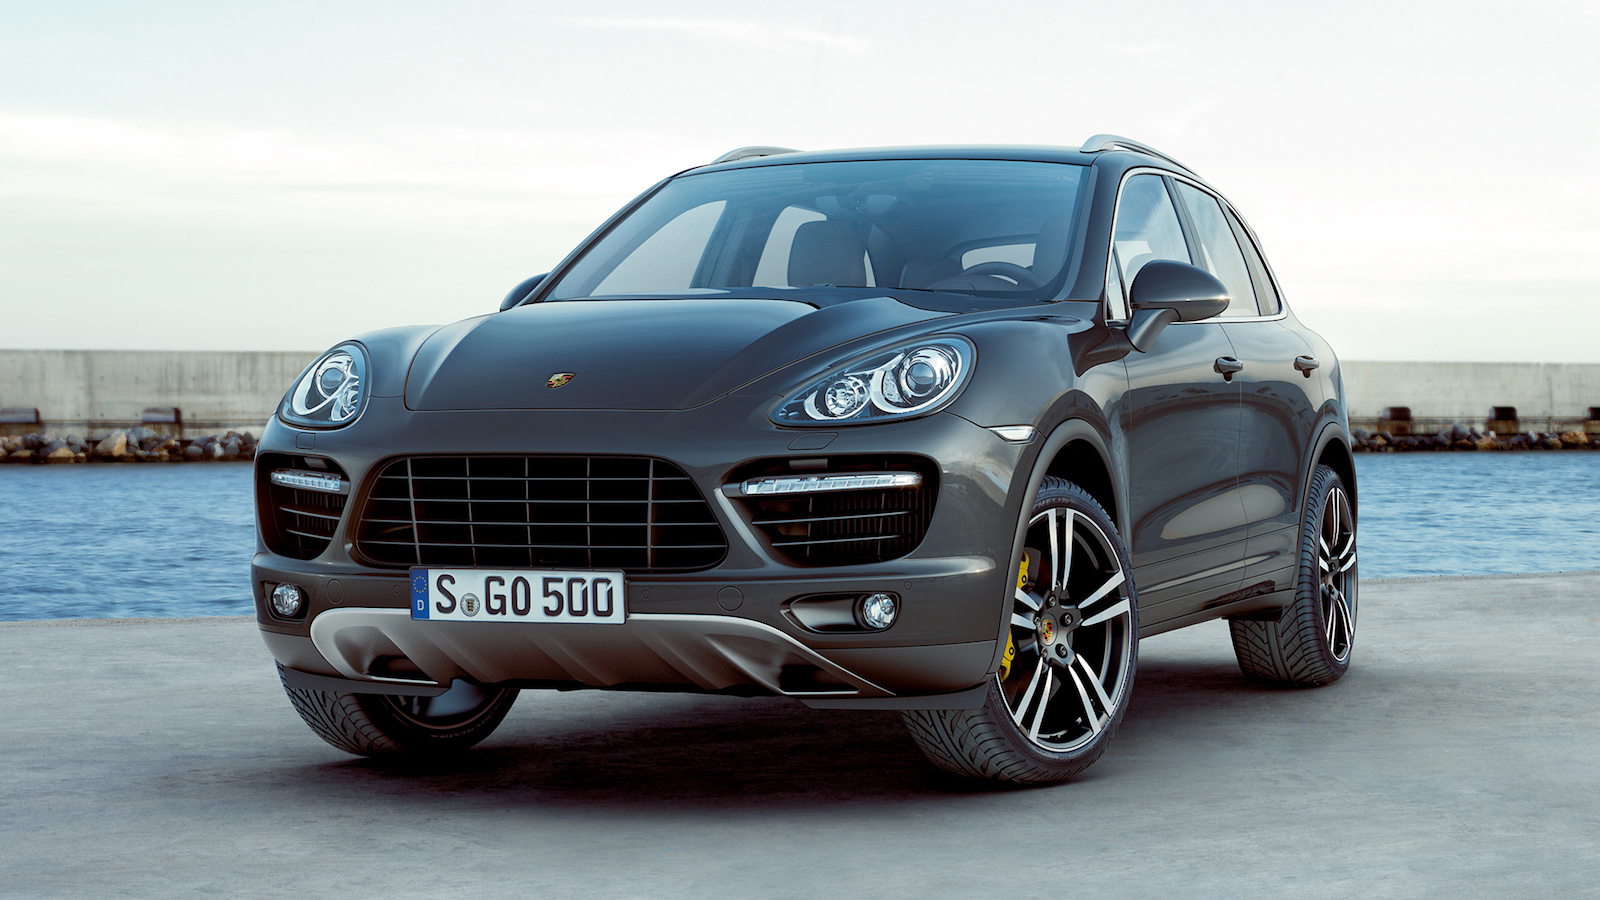 2011-Porsche_Cayenne_Turbo-1